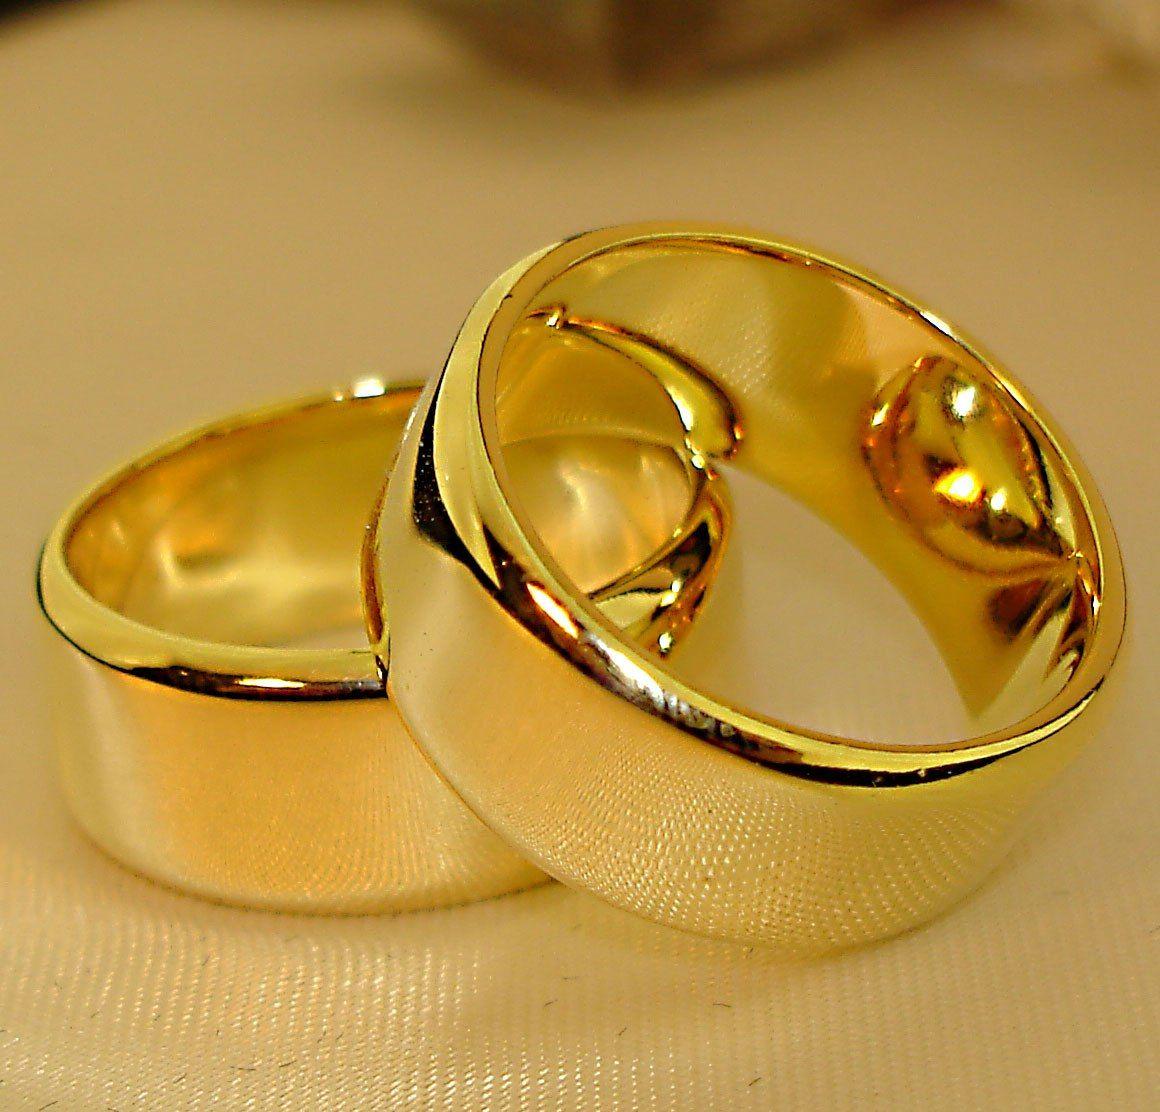 bad77ae4d5d Alianças Confira diversos modelos de Alianças aqui! - modelos de alianças  para casamento